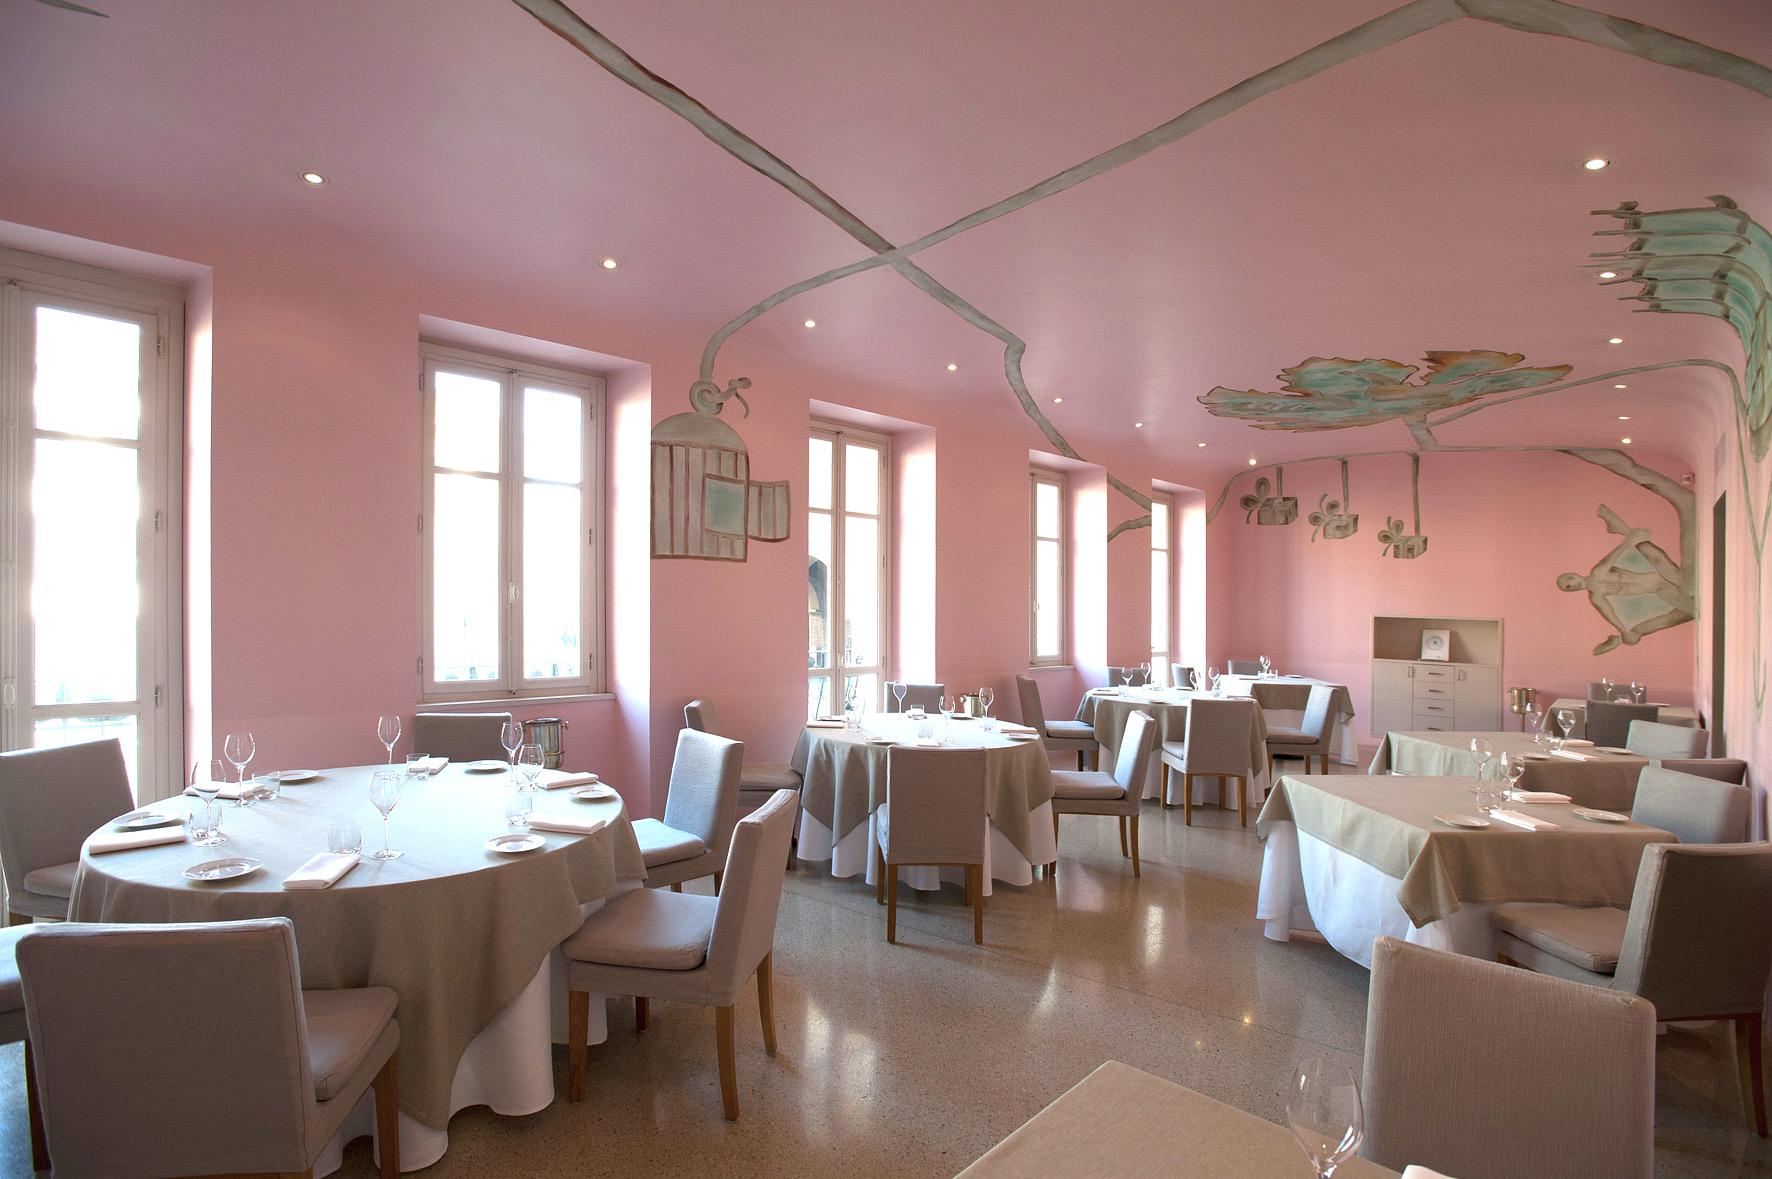 Ресторан Piazza Duomo (Италия)